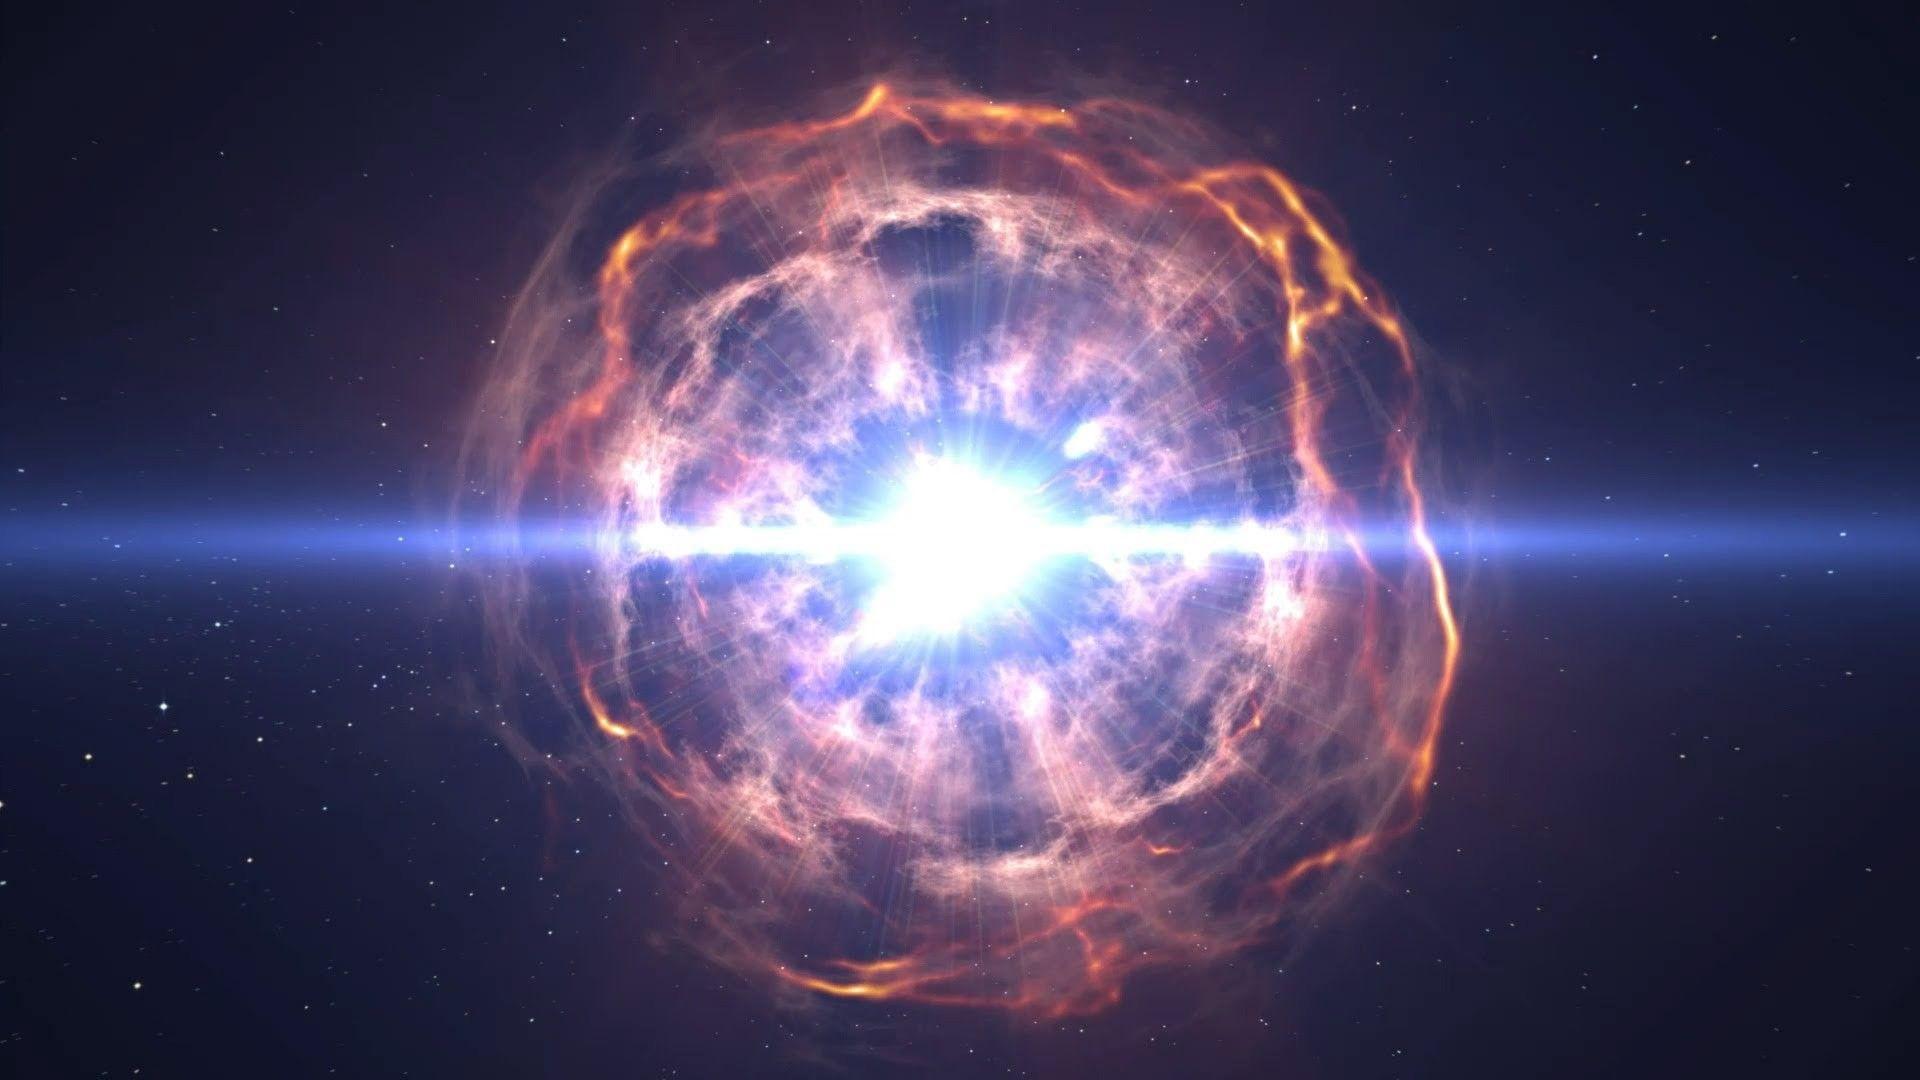 Астрономы впервые поймали начало взрыва сверхновой